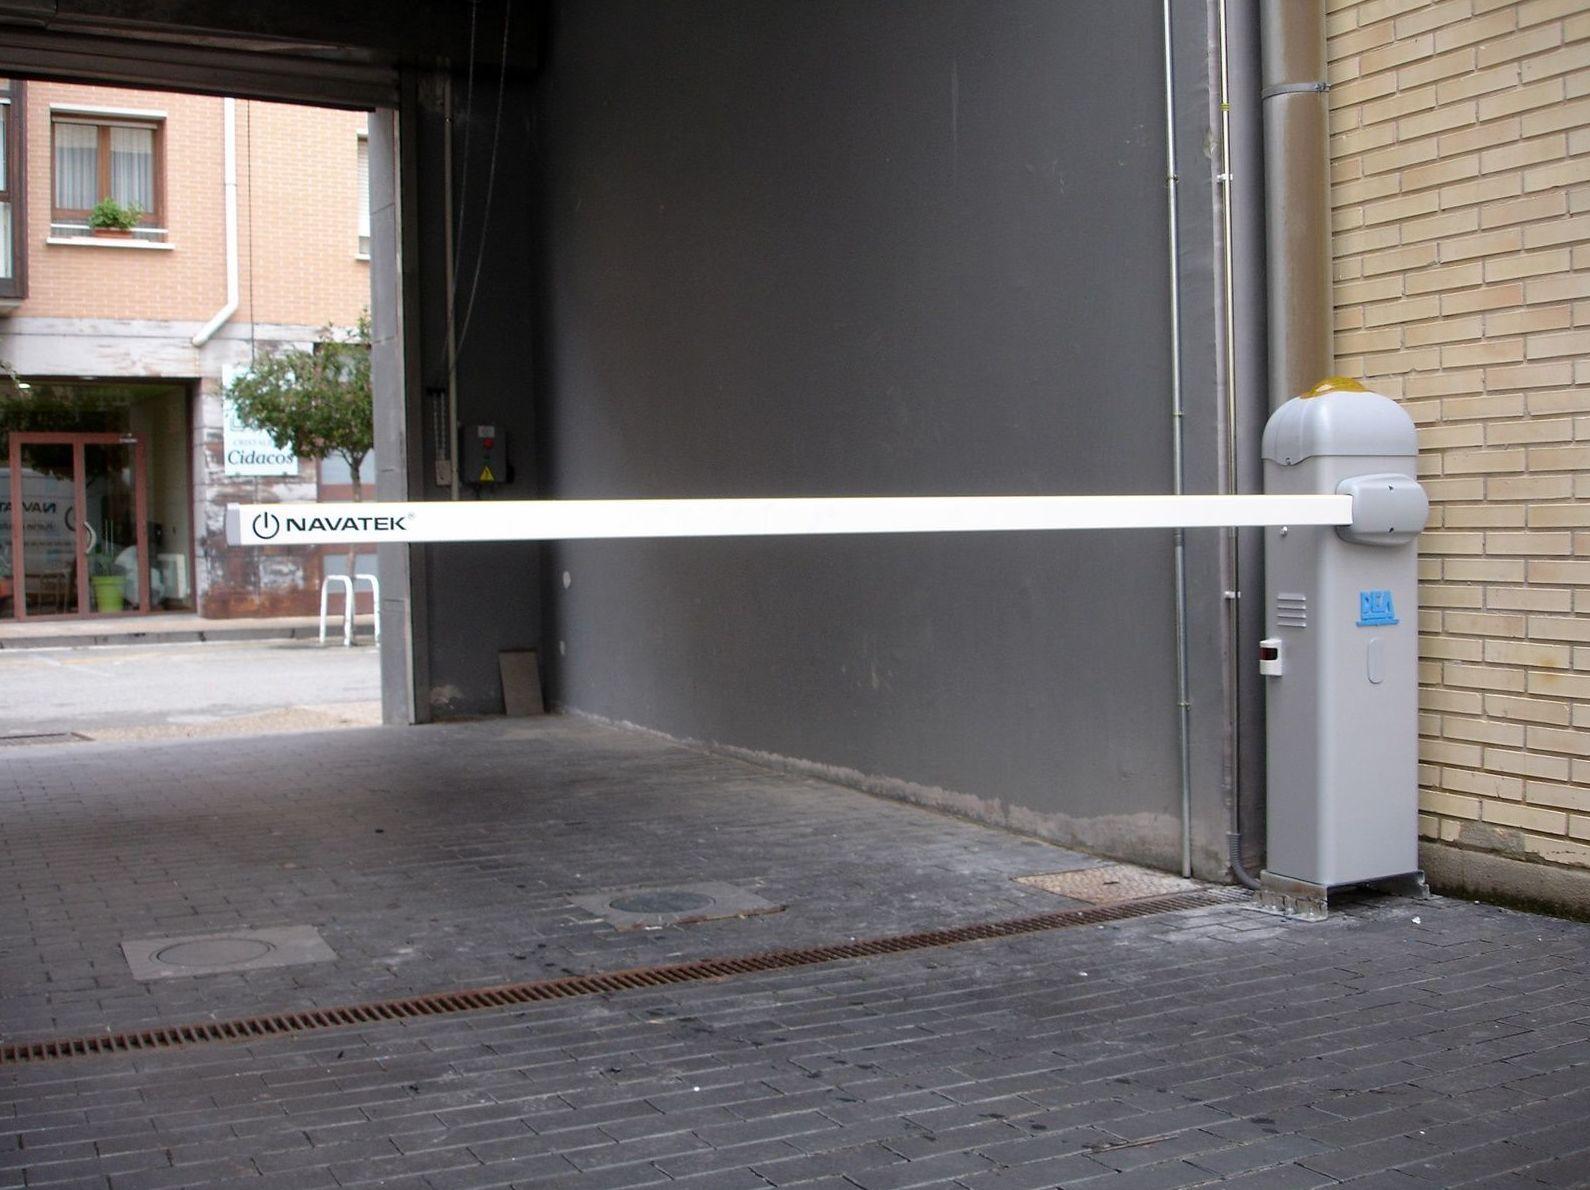 Foto 114 de Puertas automáticas en Galar | Navatek Puertas Automáticas, S.L.